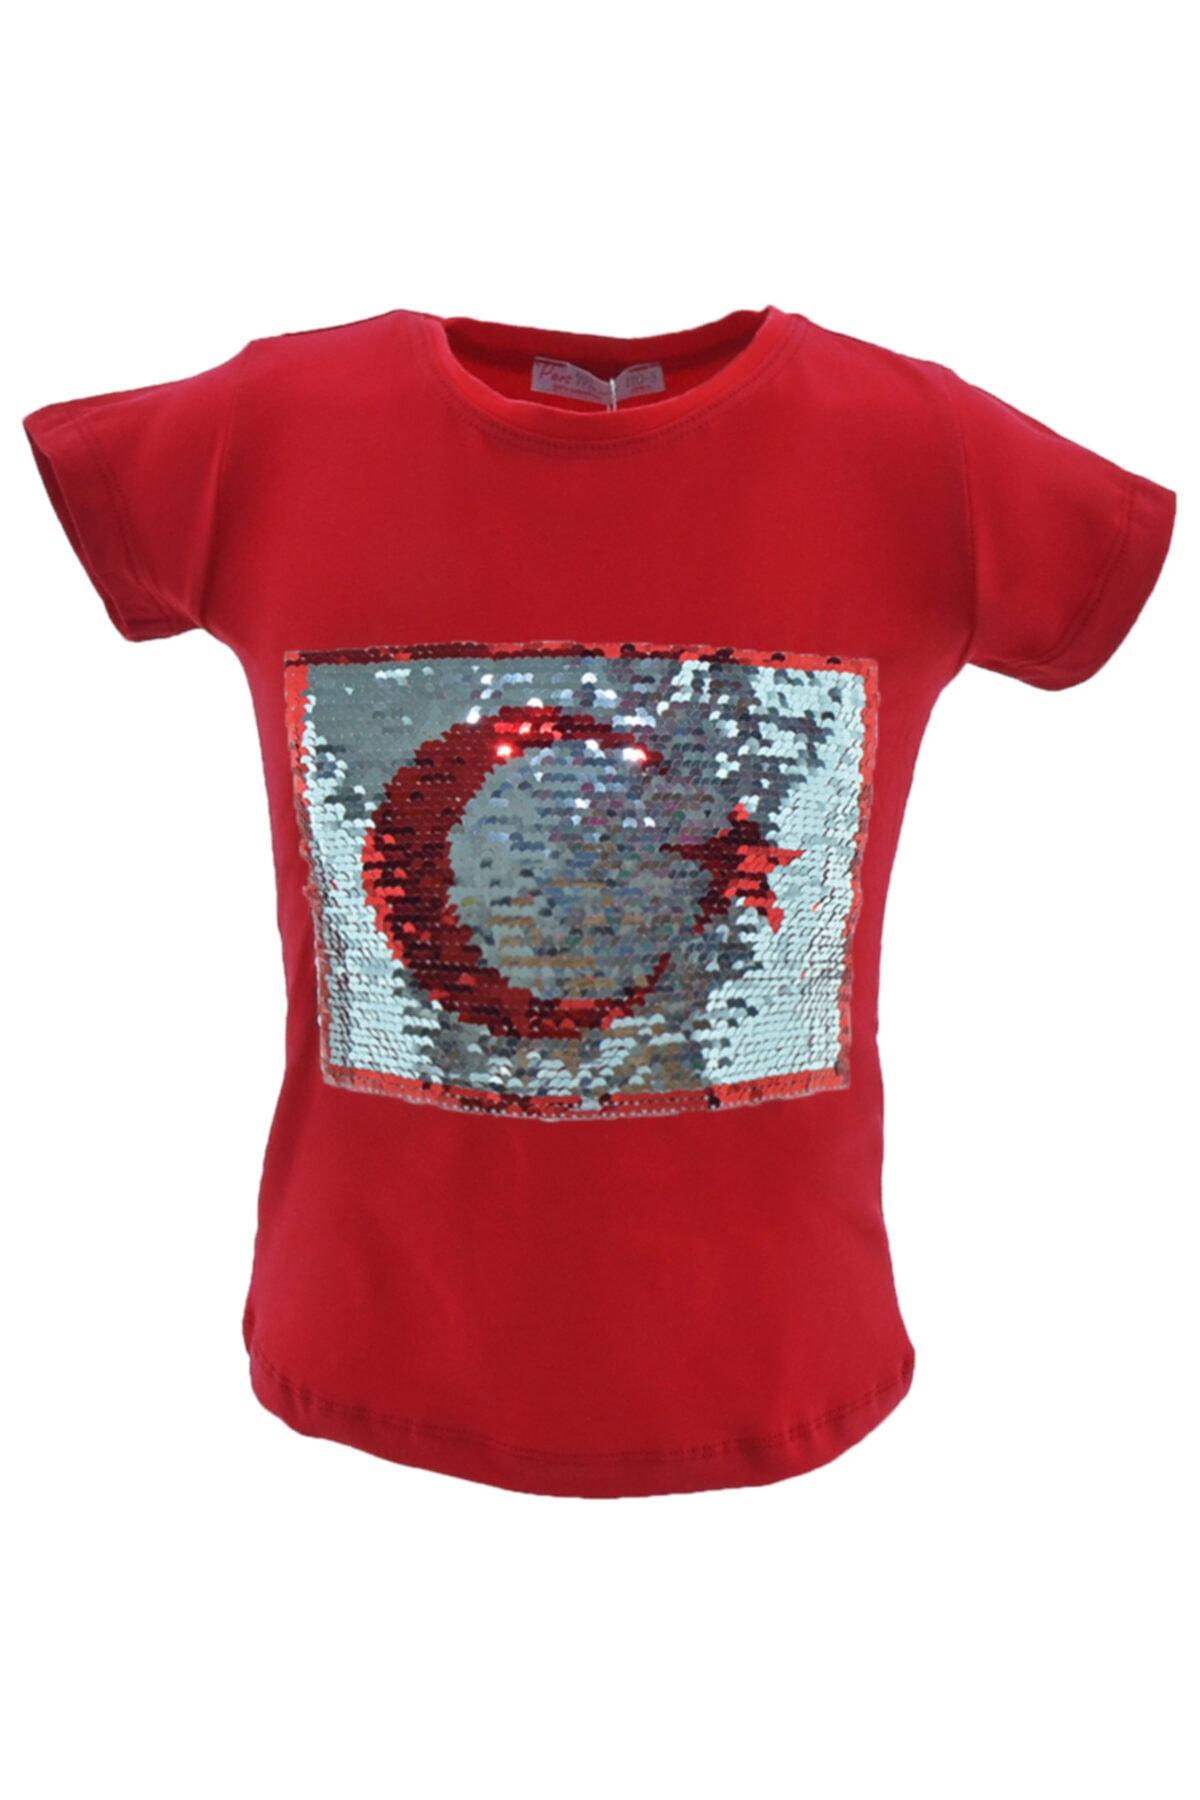 Peri Masalı Kız Çocuk Kırmızı Çift Taraflı Pullu Bayrak Desenli Tişört